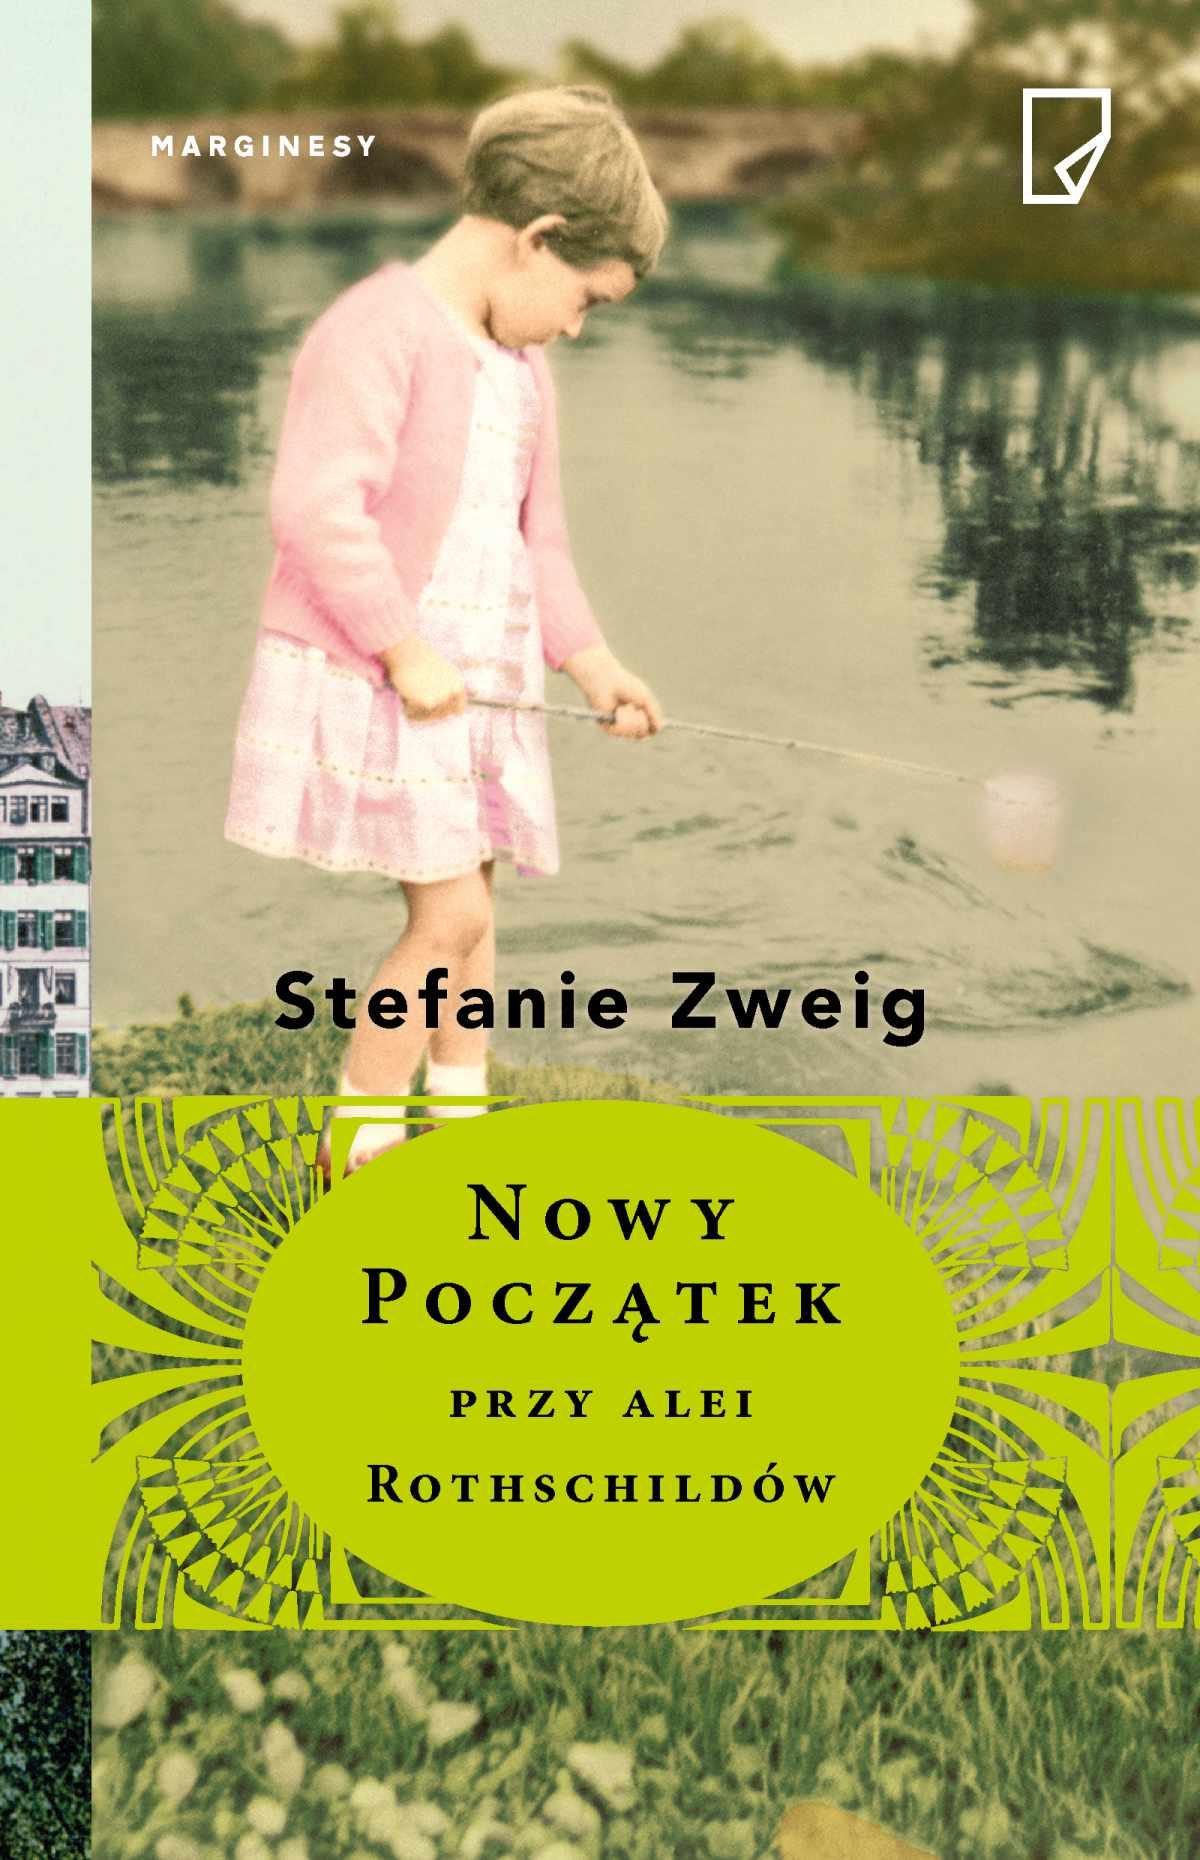 Nowy początek przy alei Rothschildów - Ebook (Książka na Kindle) do pobrania w formacie MOBI